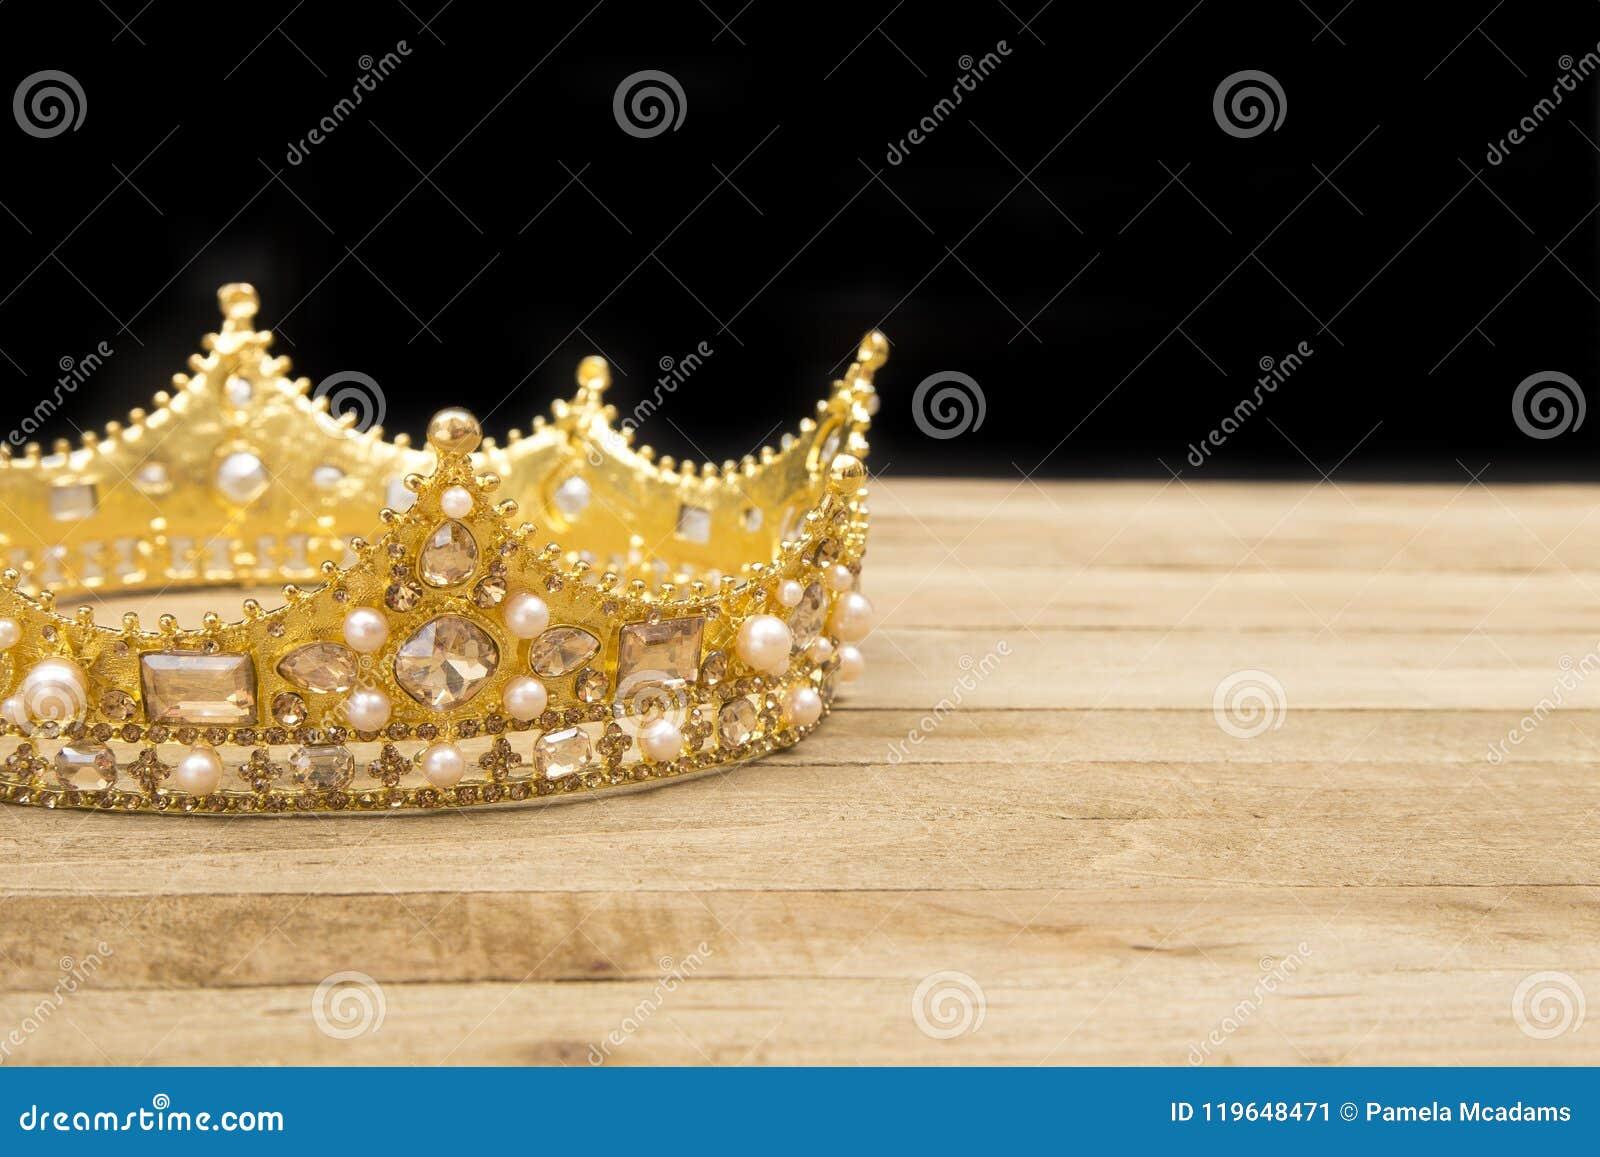 Una corona y la biblia imagen de archivo. Imagen de blanco - 119648471